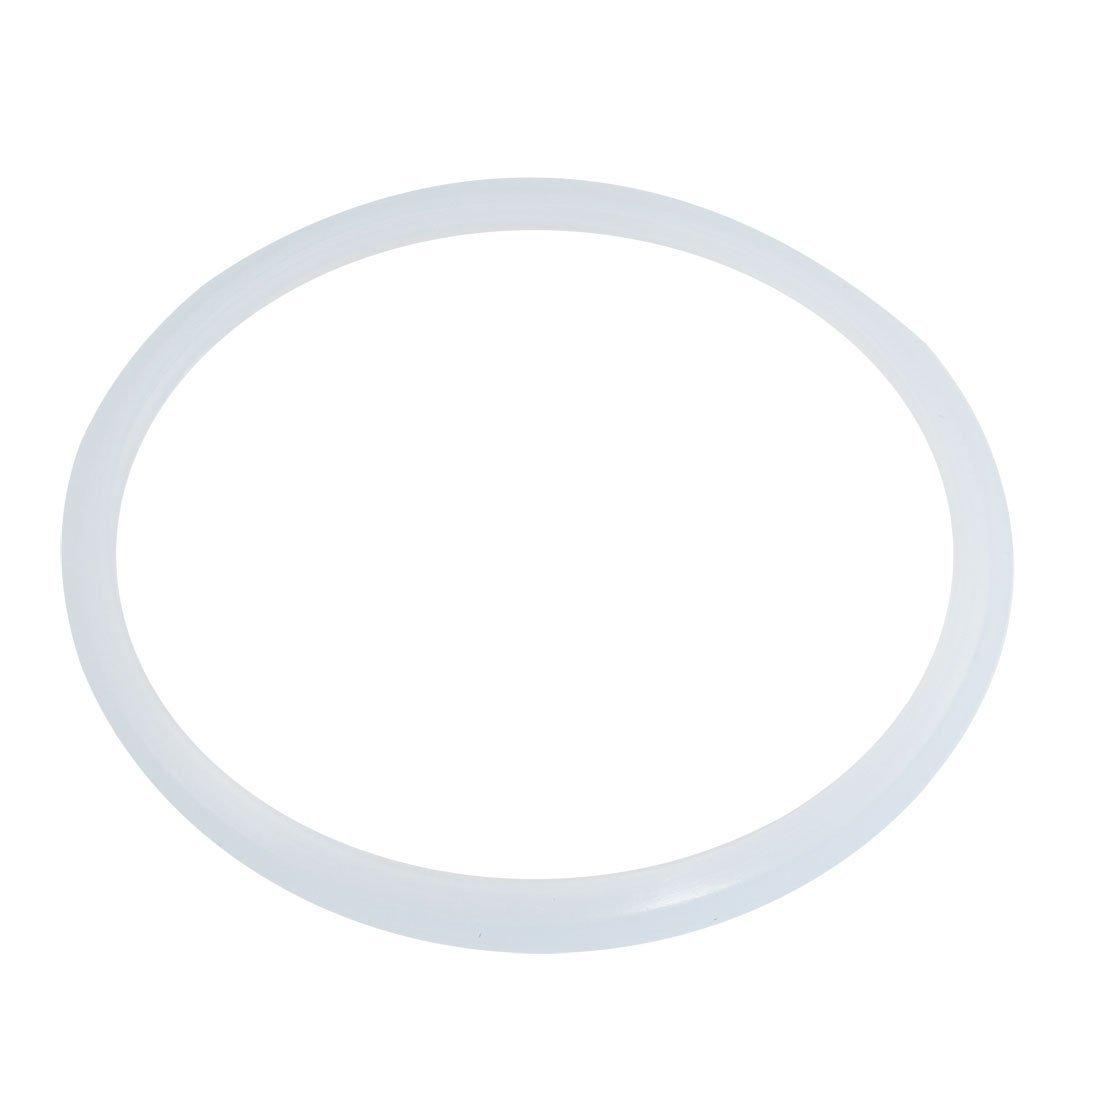 Kitchen caoutchouc de Joint Joint pour Autocuiseur-Bleu clair - 18 cm x 20 cm Sourcingmap a12121300ux0026